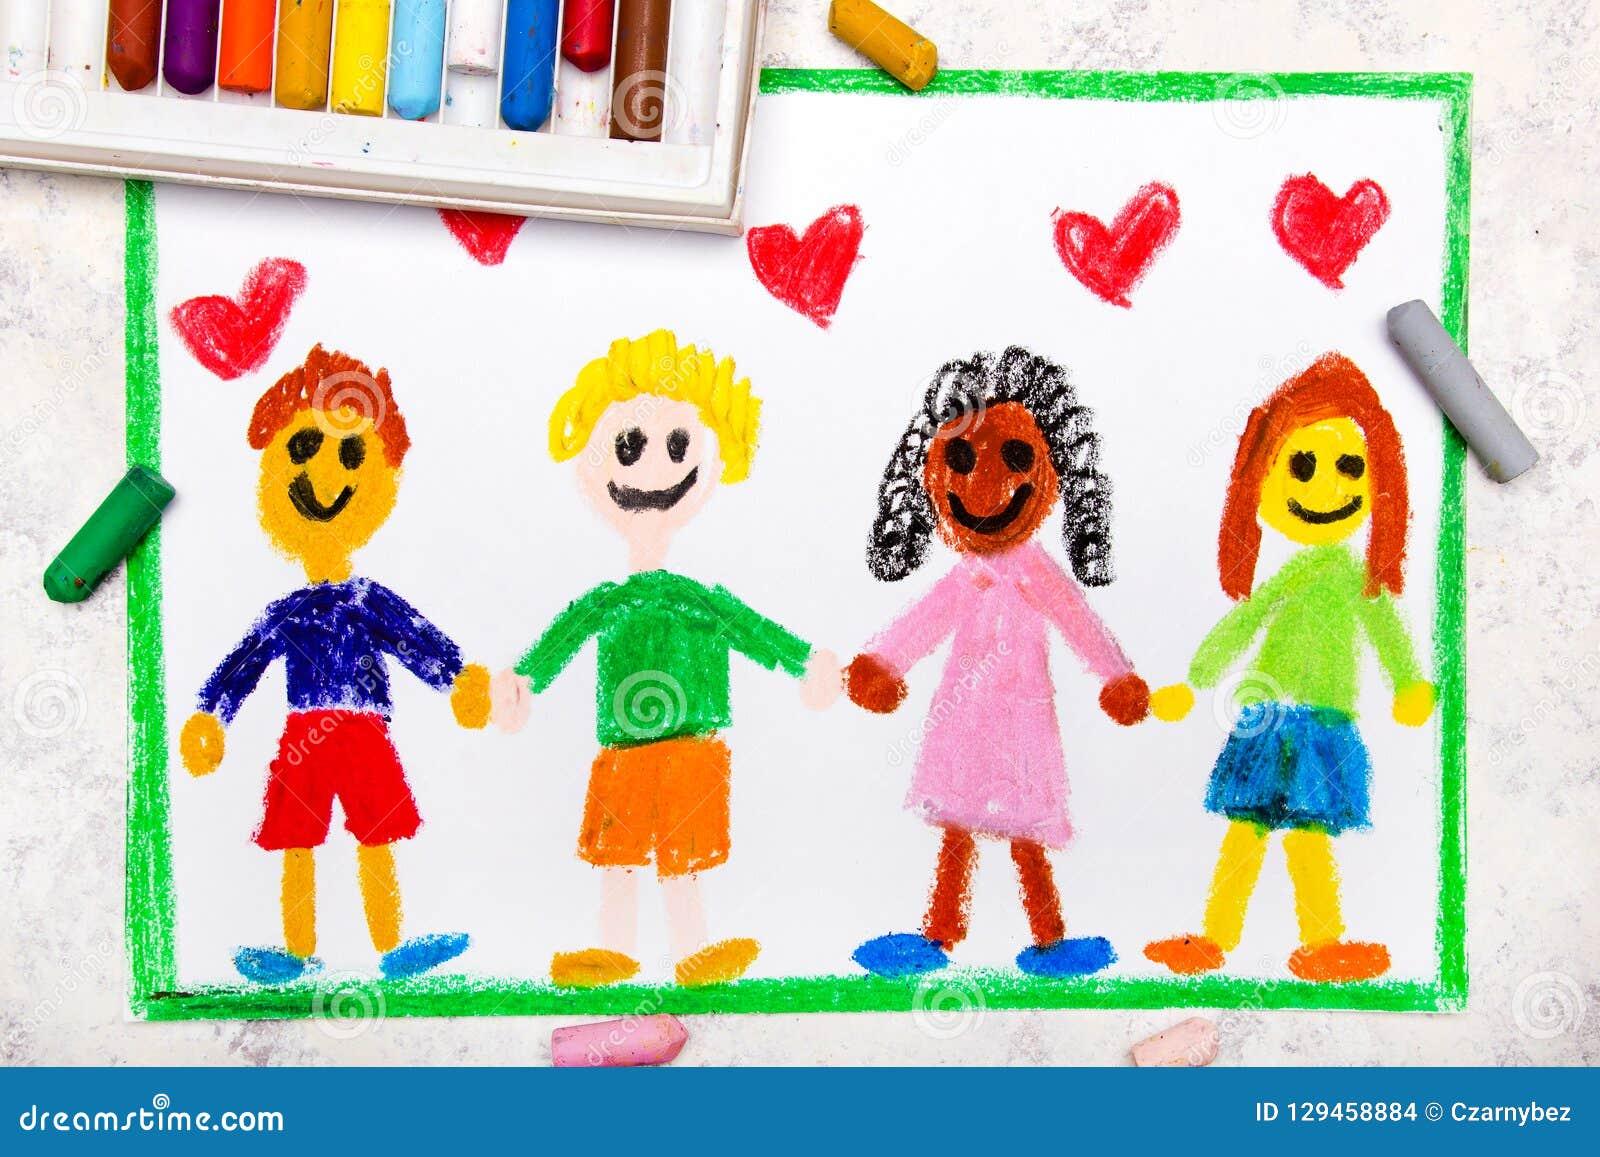 Dibujo Un Grupo De Amigos Internacionales Felices Stock De